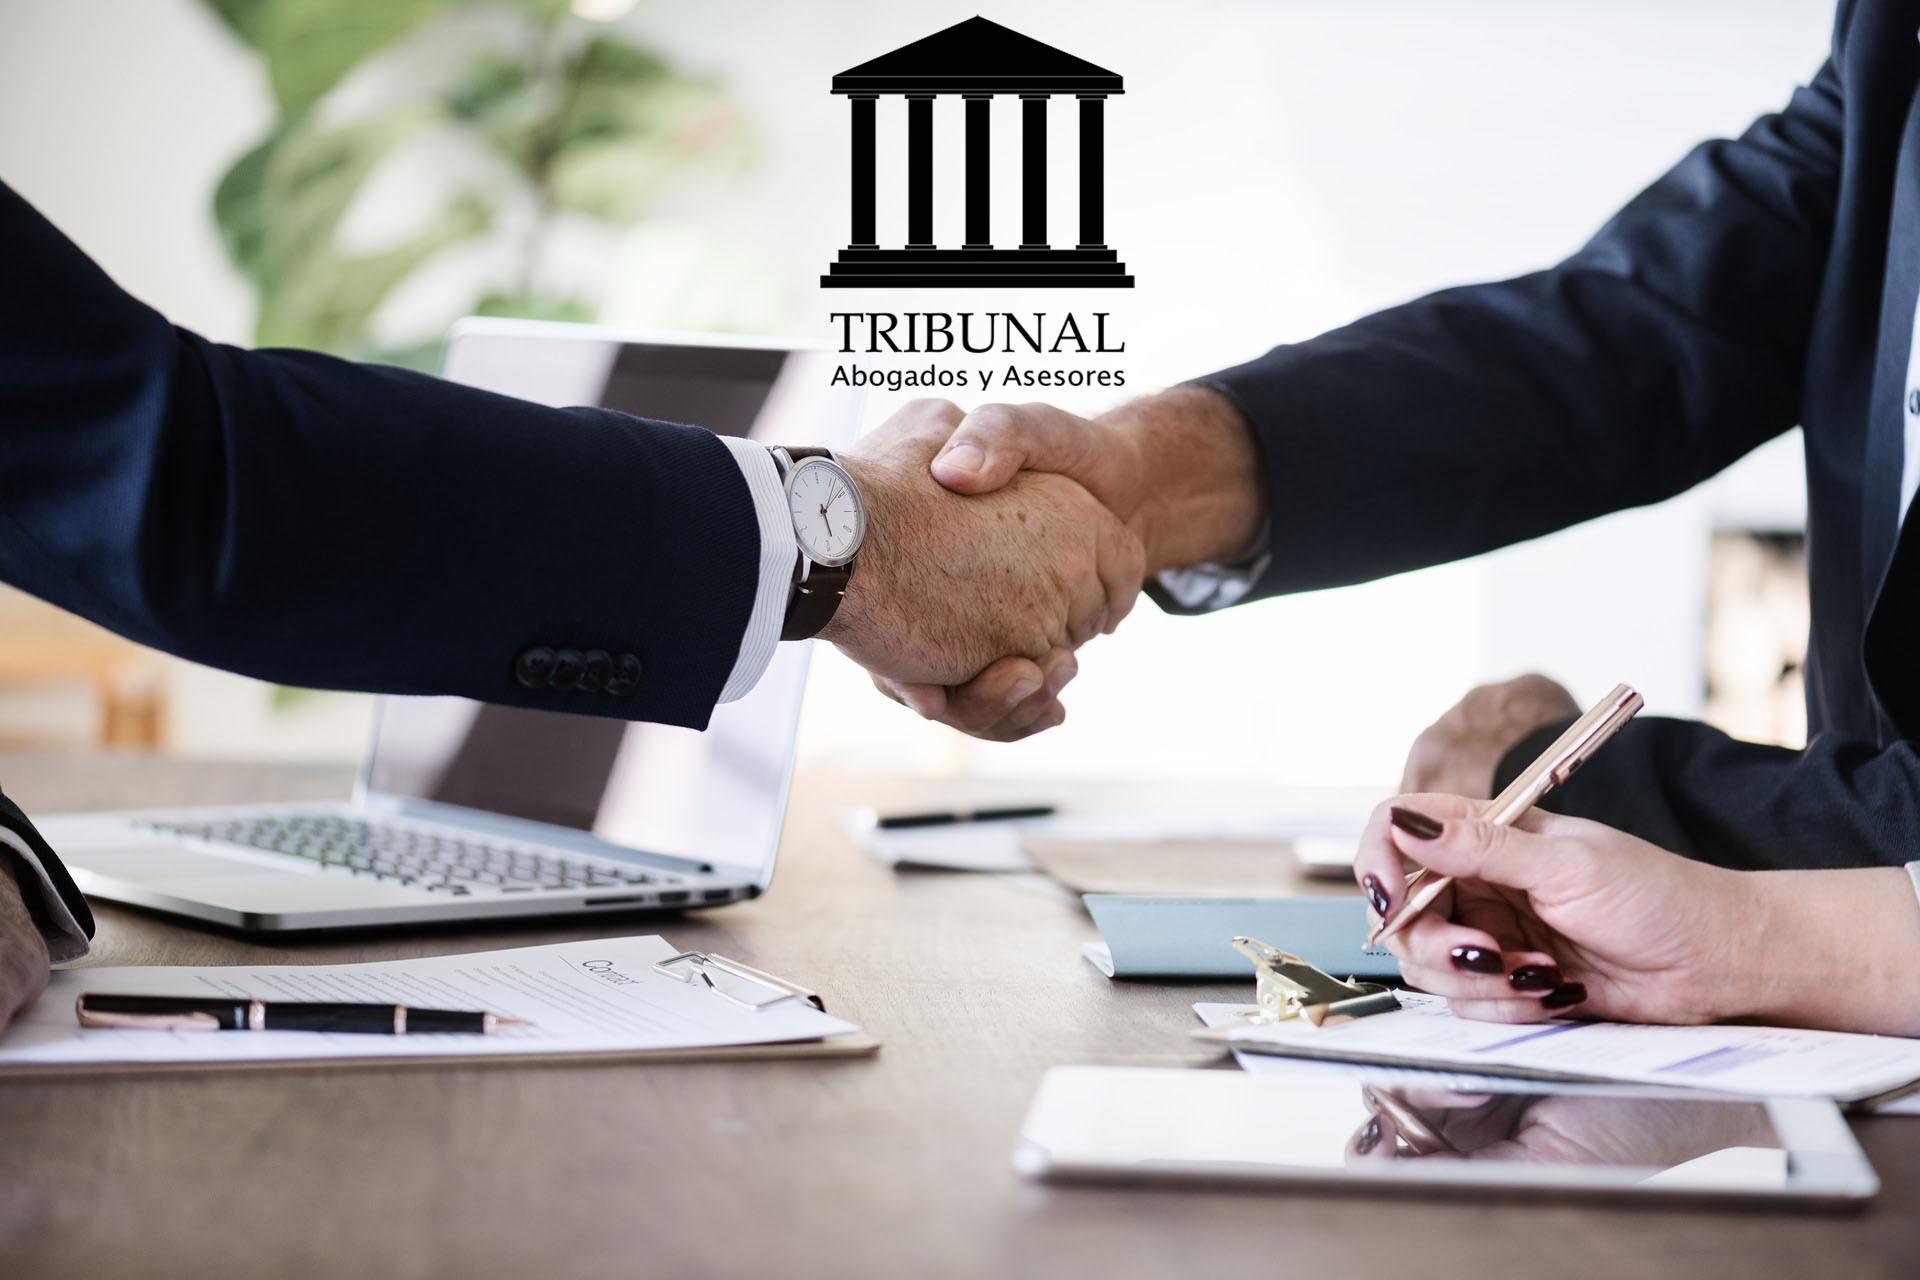 Tribunal Abogados y Asesores, despacho especializado en Derecho Mercantil y Societario